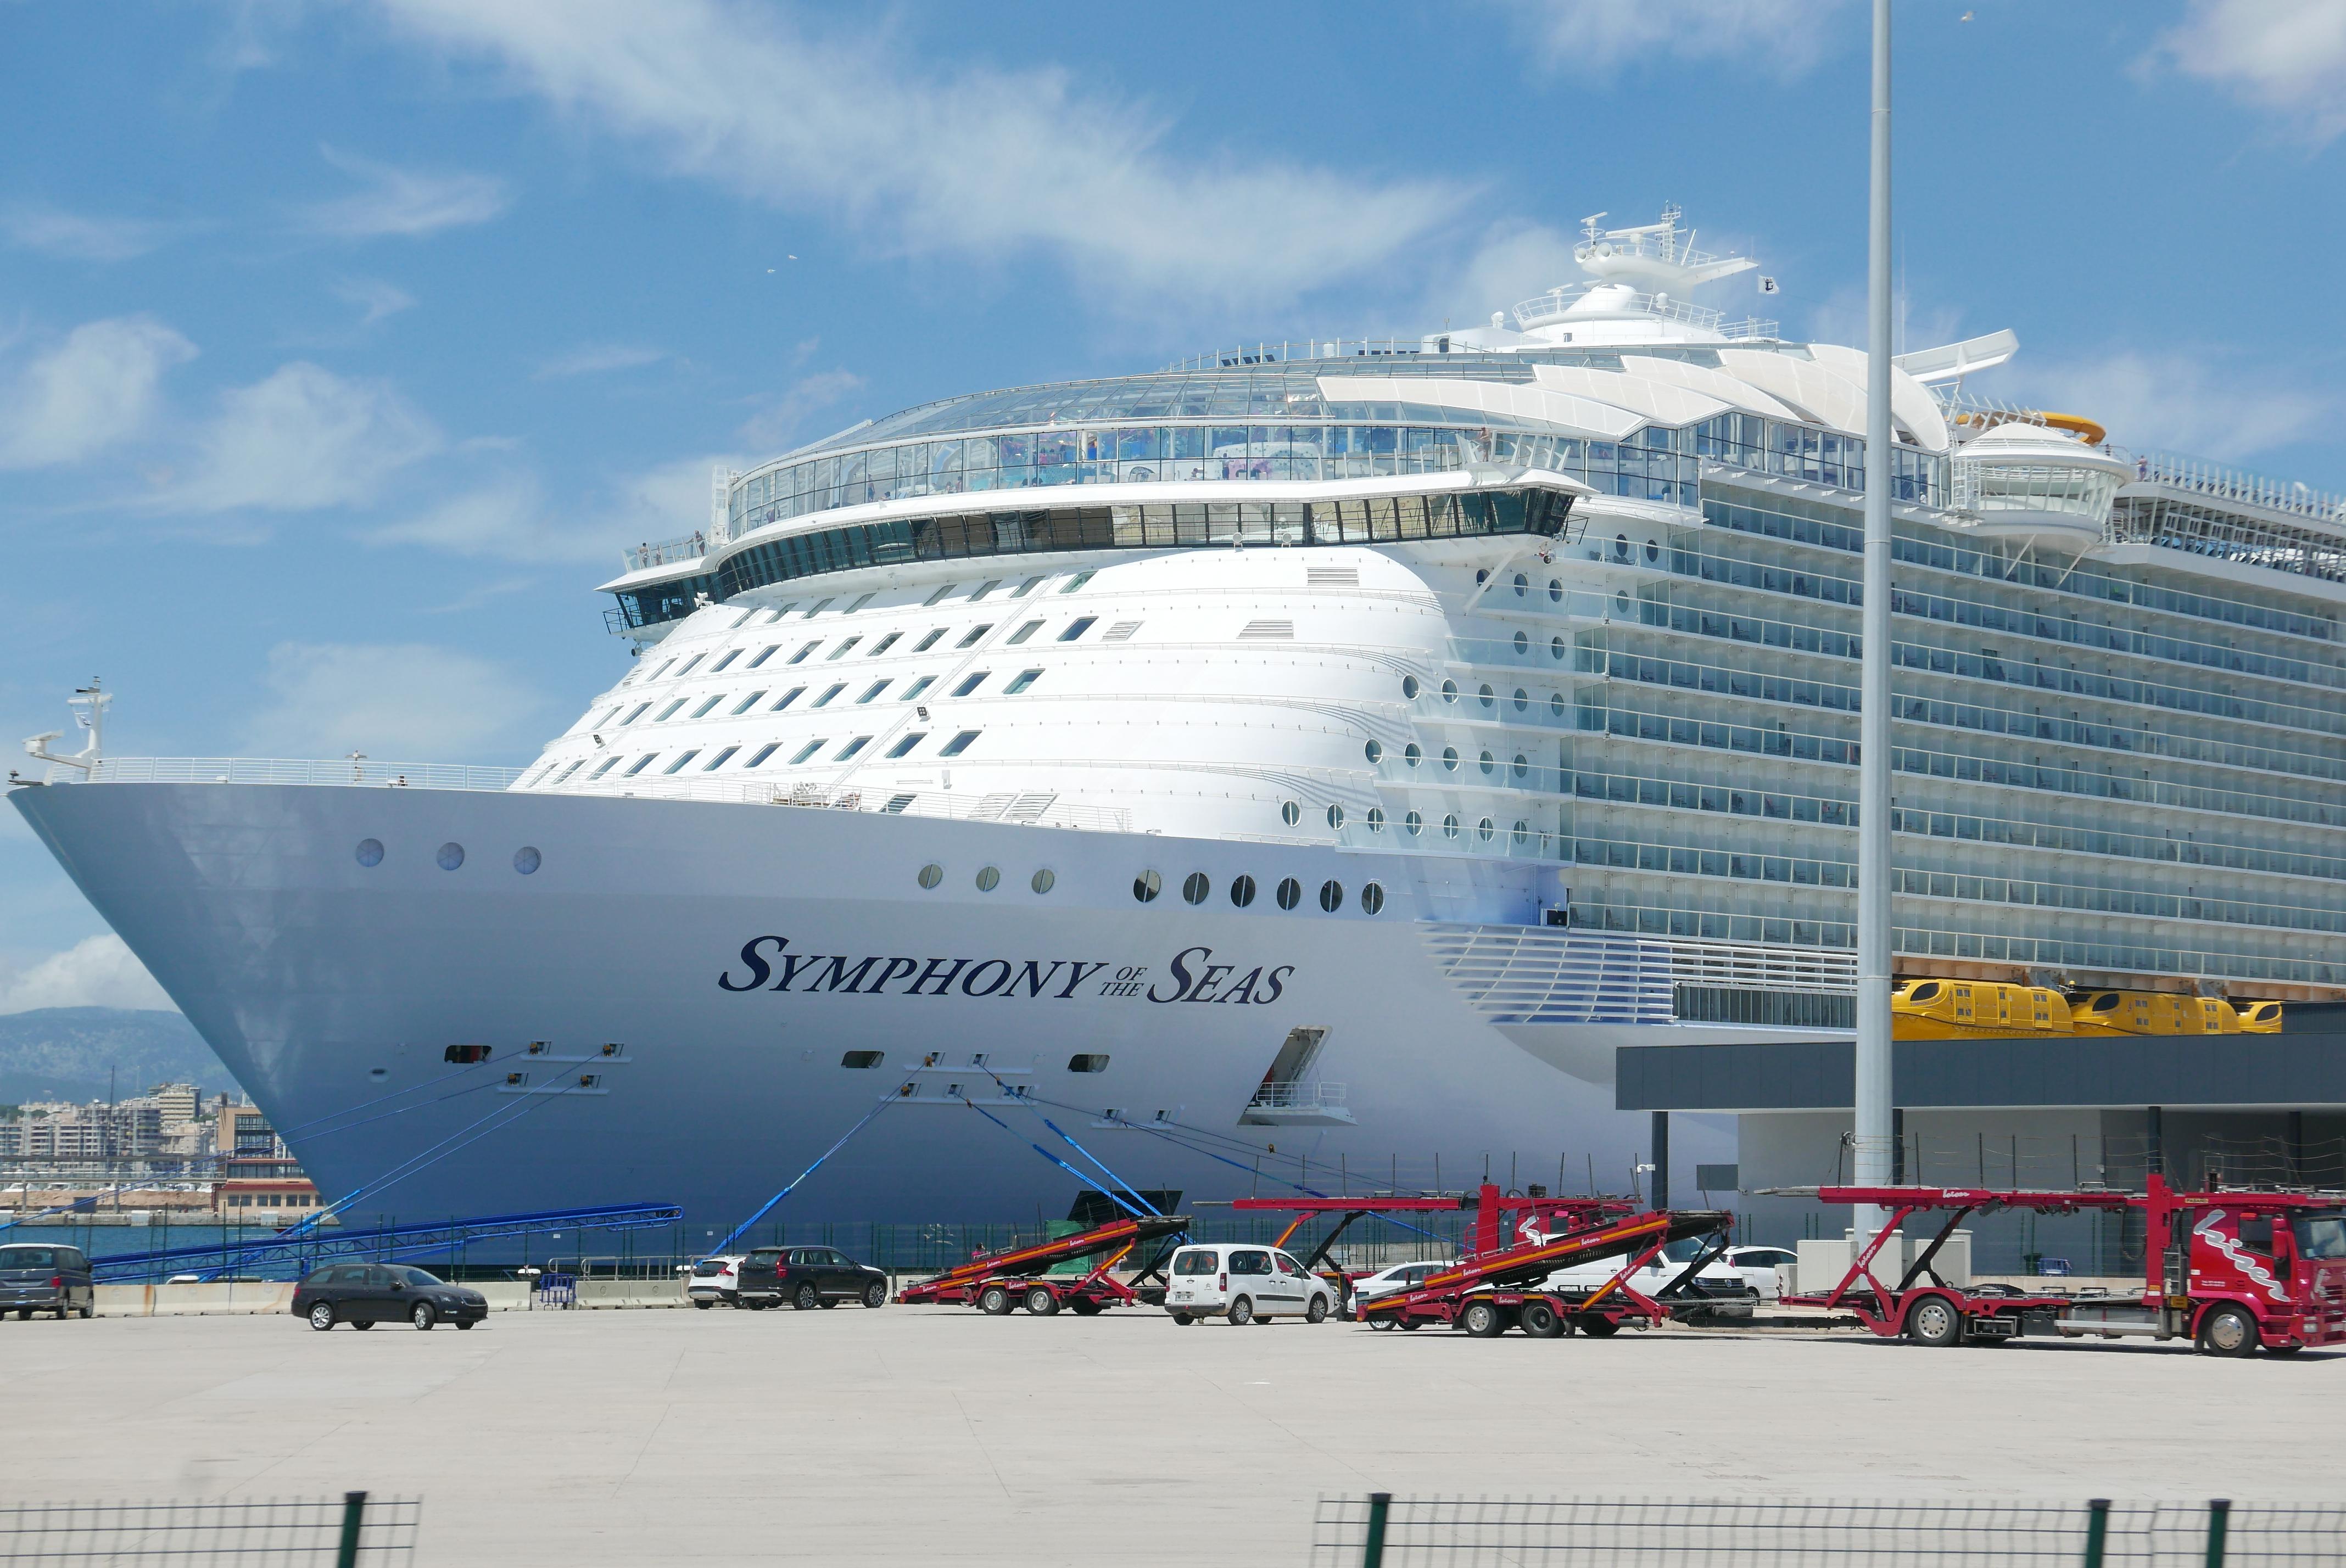 Symphony of the Seas er verdens største cruiseskip (pr. 2018) – hele 362 meter lang og med plass til over 6500 gjester. Foto: Len Kongerud